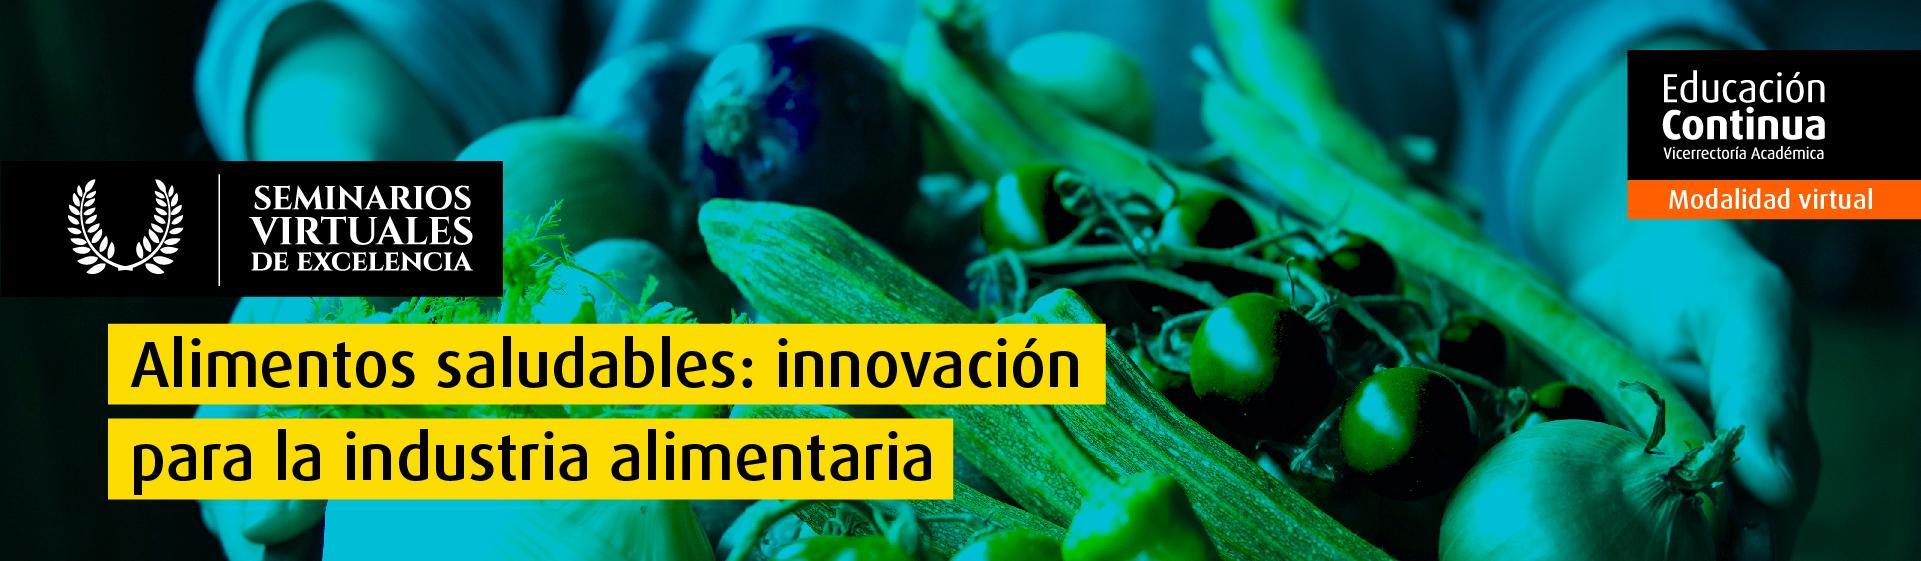 alimentos saludables innovacion para industria seminari excelencia ingenieria quimica alimentos uniandes